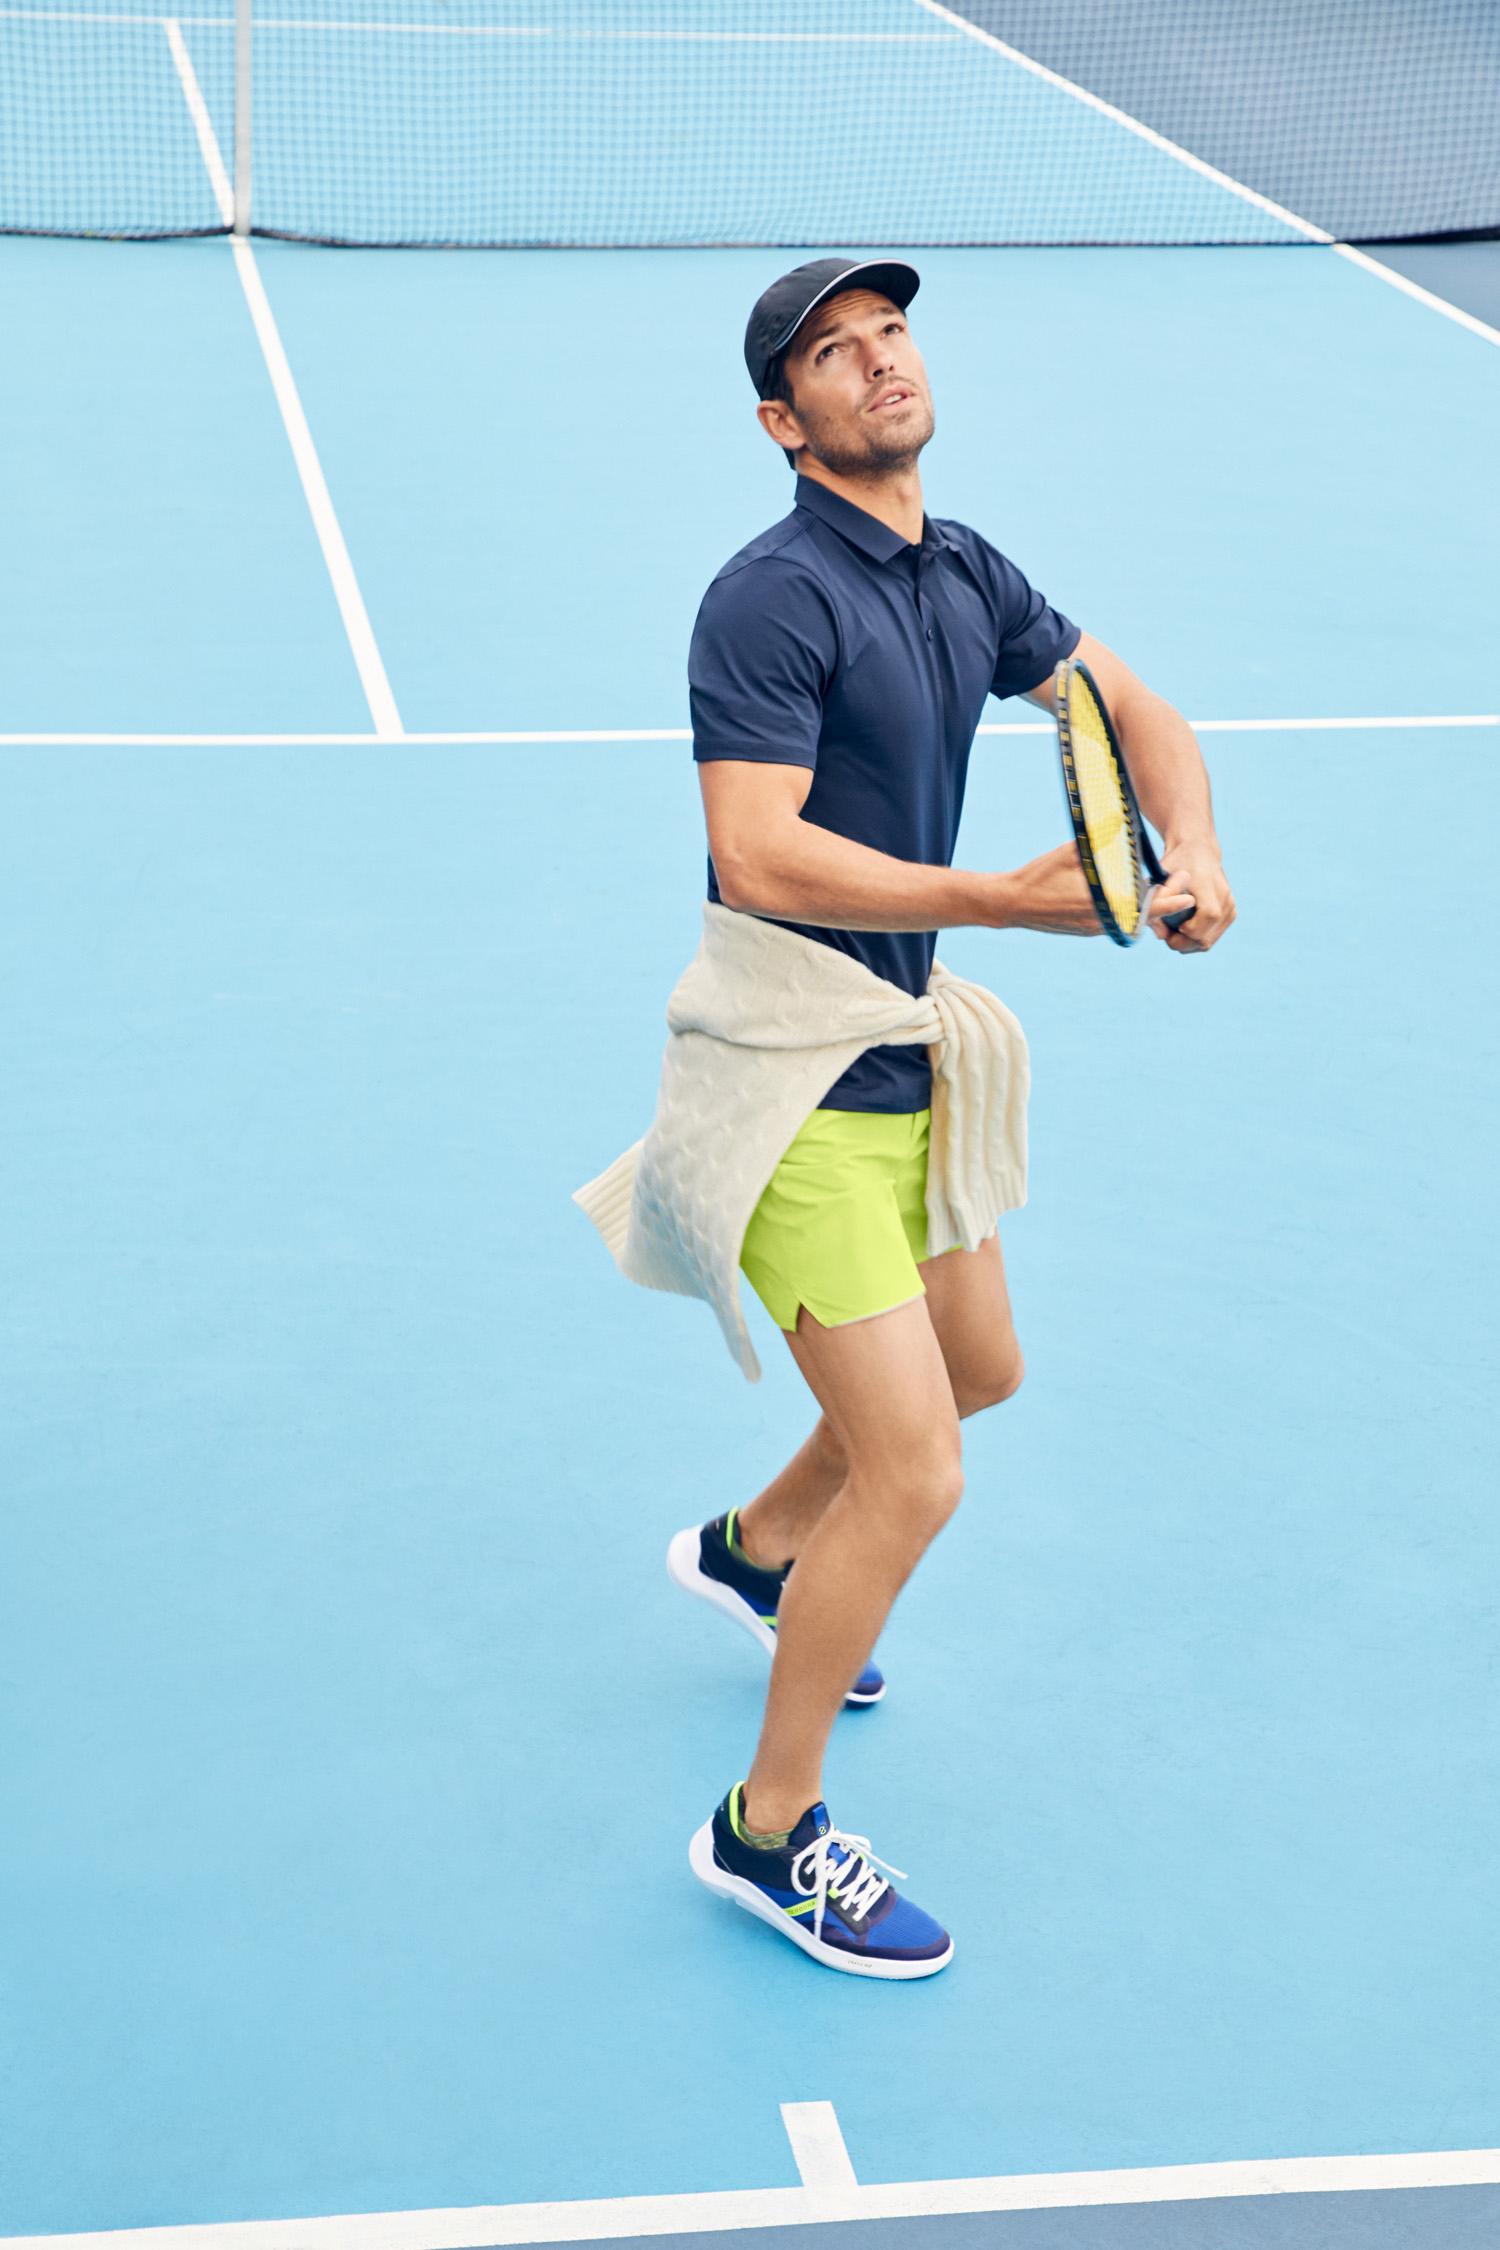 Cole Haan Men's ZERØGRAND Winner Tennis Sneaker in Navy Ink, $130